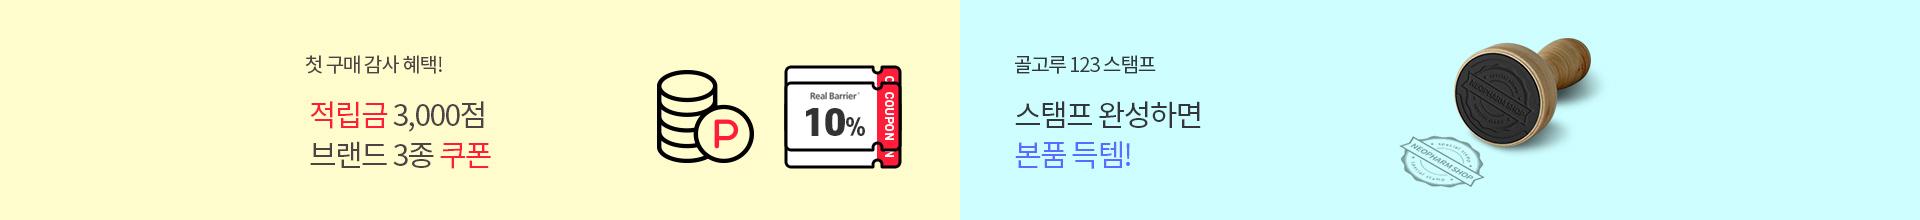 6월_메인 하단 띠배너(첫구매/스탬프)